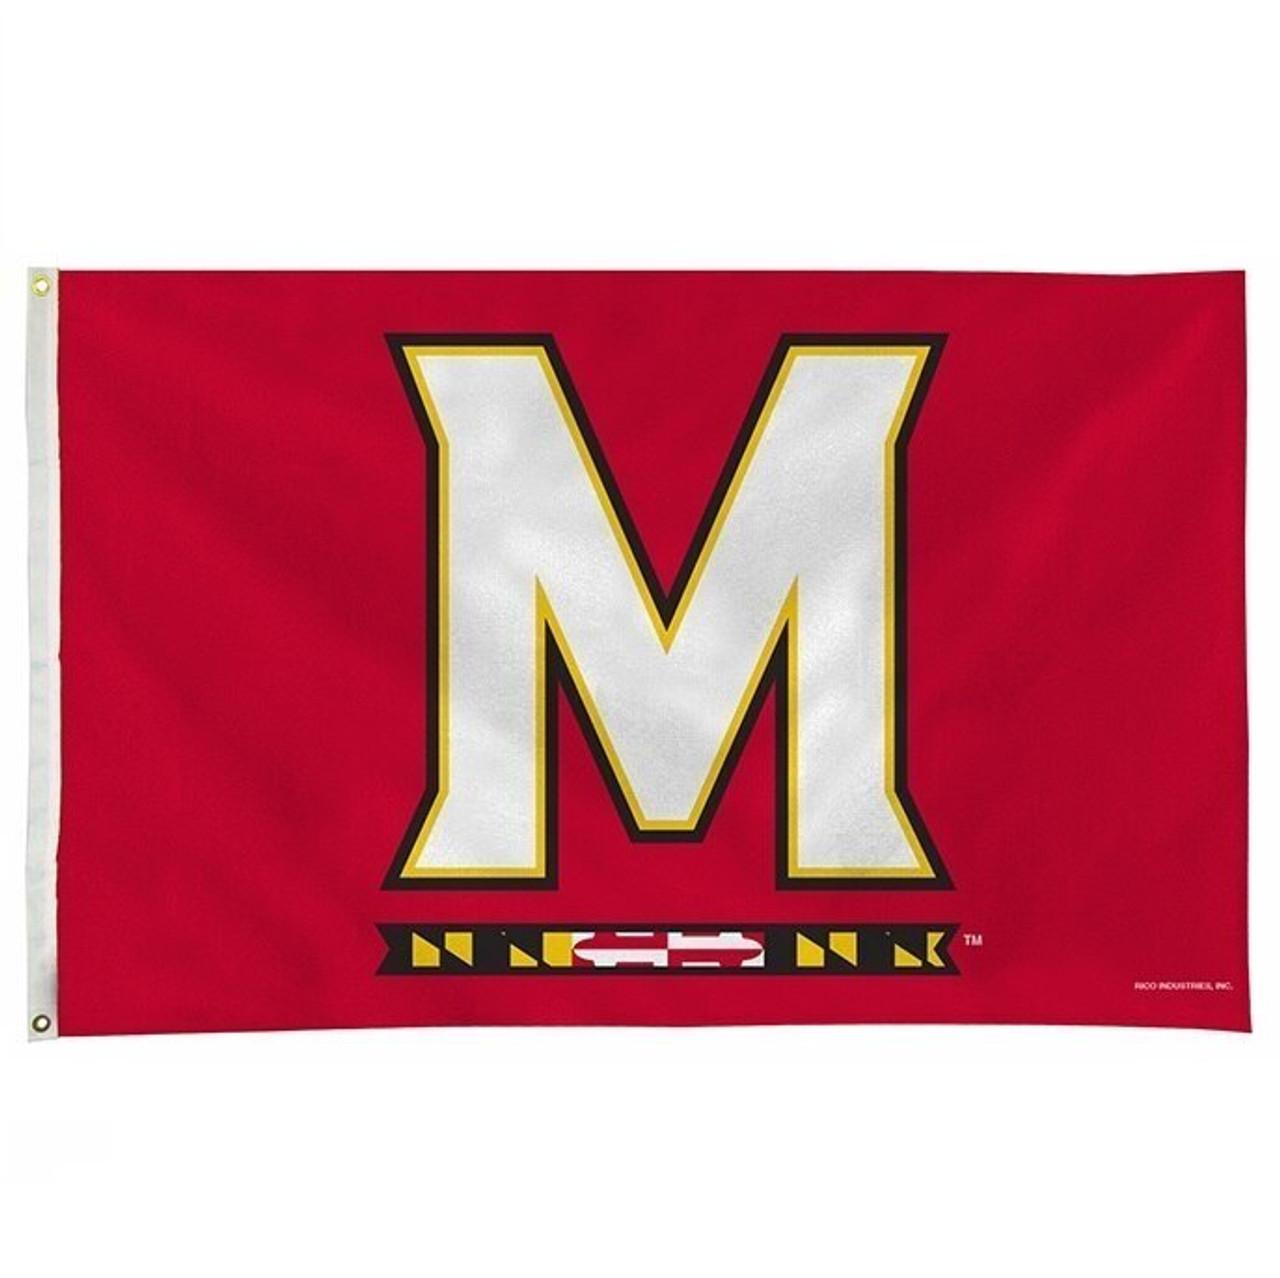 Maryland University of Flag